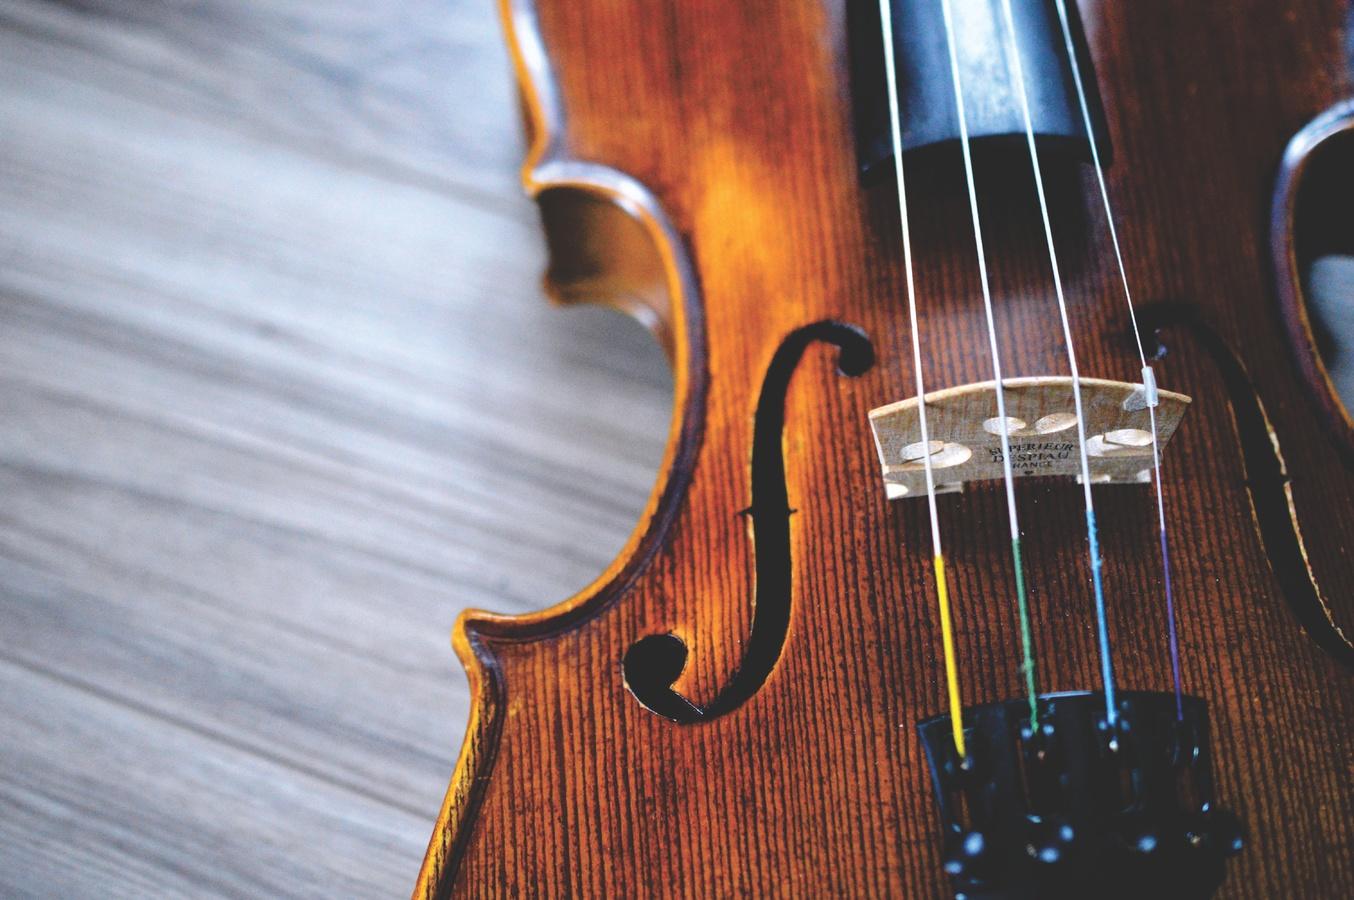 Le violon, l'un des instruments caractéristiques de la country music, conservé par Kane Brown.